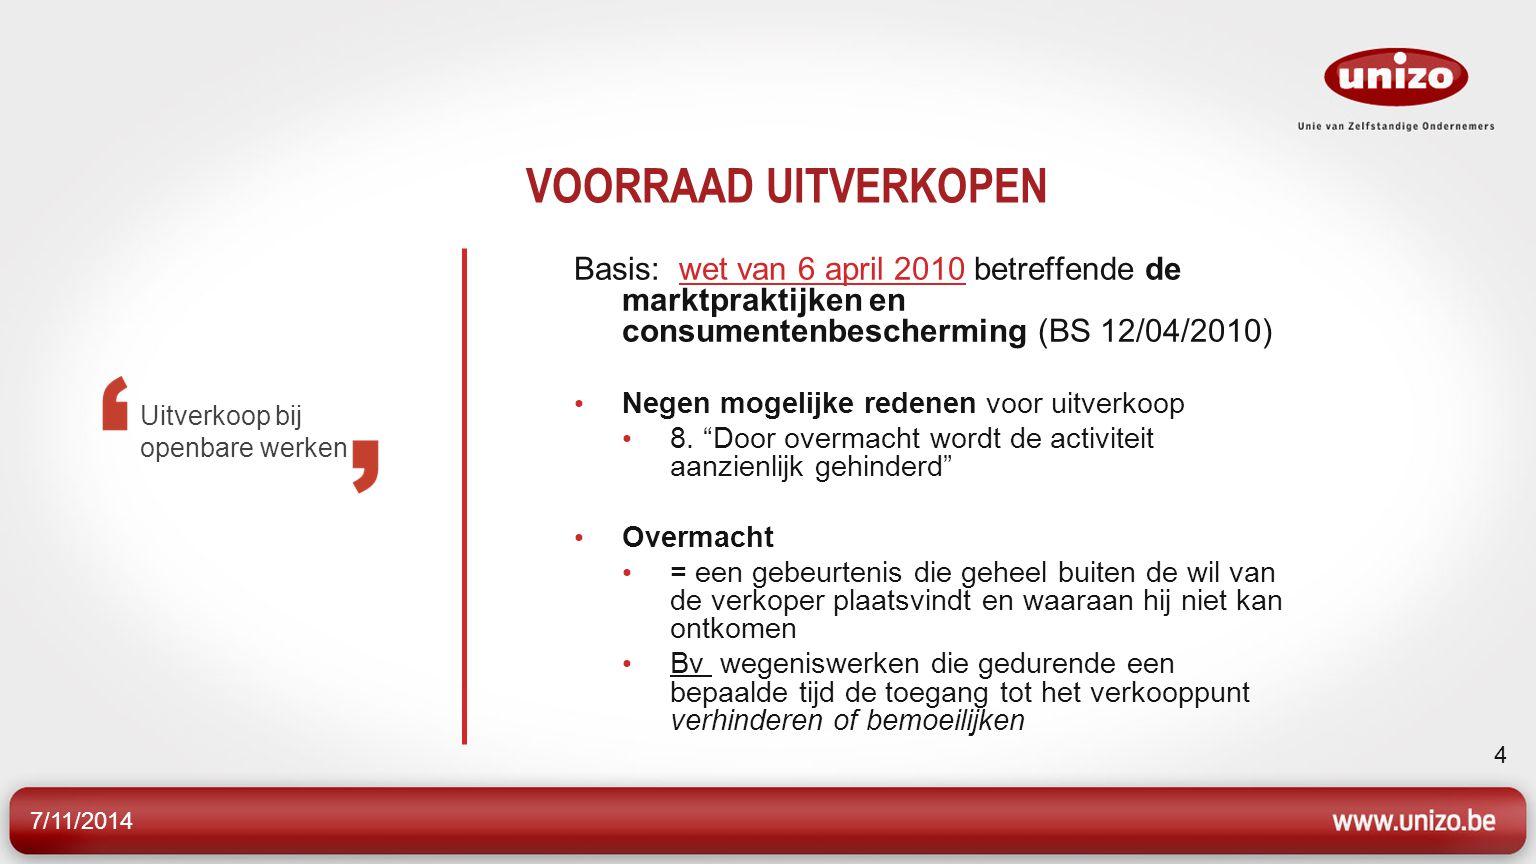 7/11/2014 4 VOORRAAD UITVERKOPEN Basis: wet van 6 april 2010 betreffende de marktpraktijken en consumentenbescherming (BS 12/04/2010)wet van 6 april 2010 Negen mogelijke redenen voor uitverkoop 8.